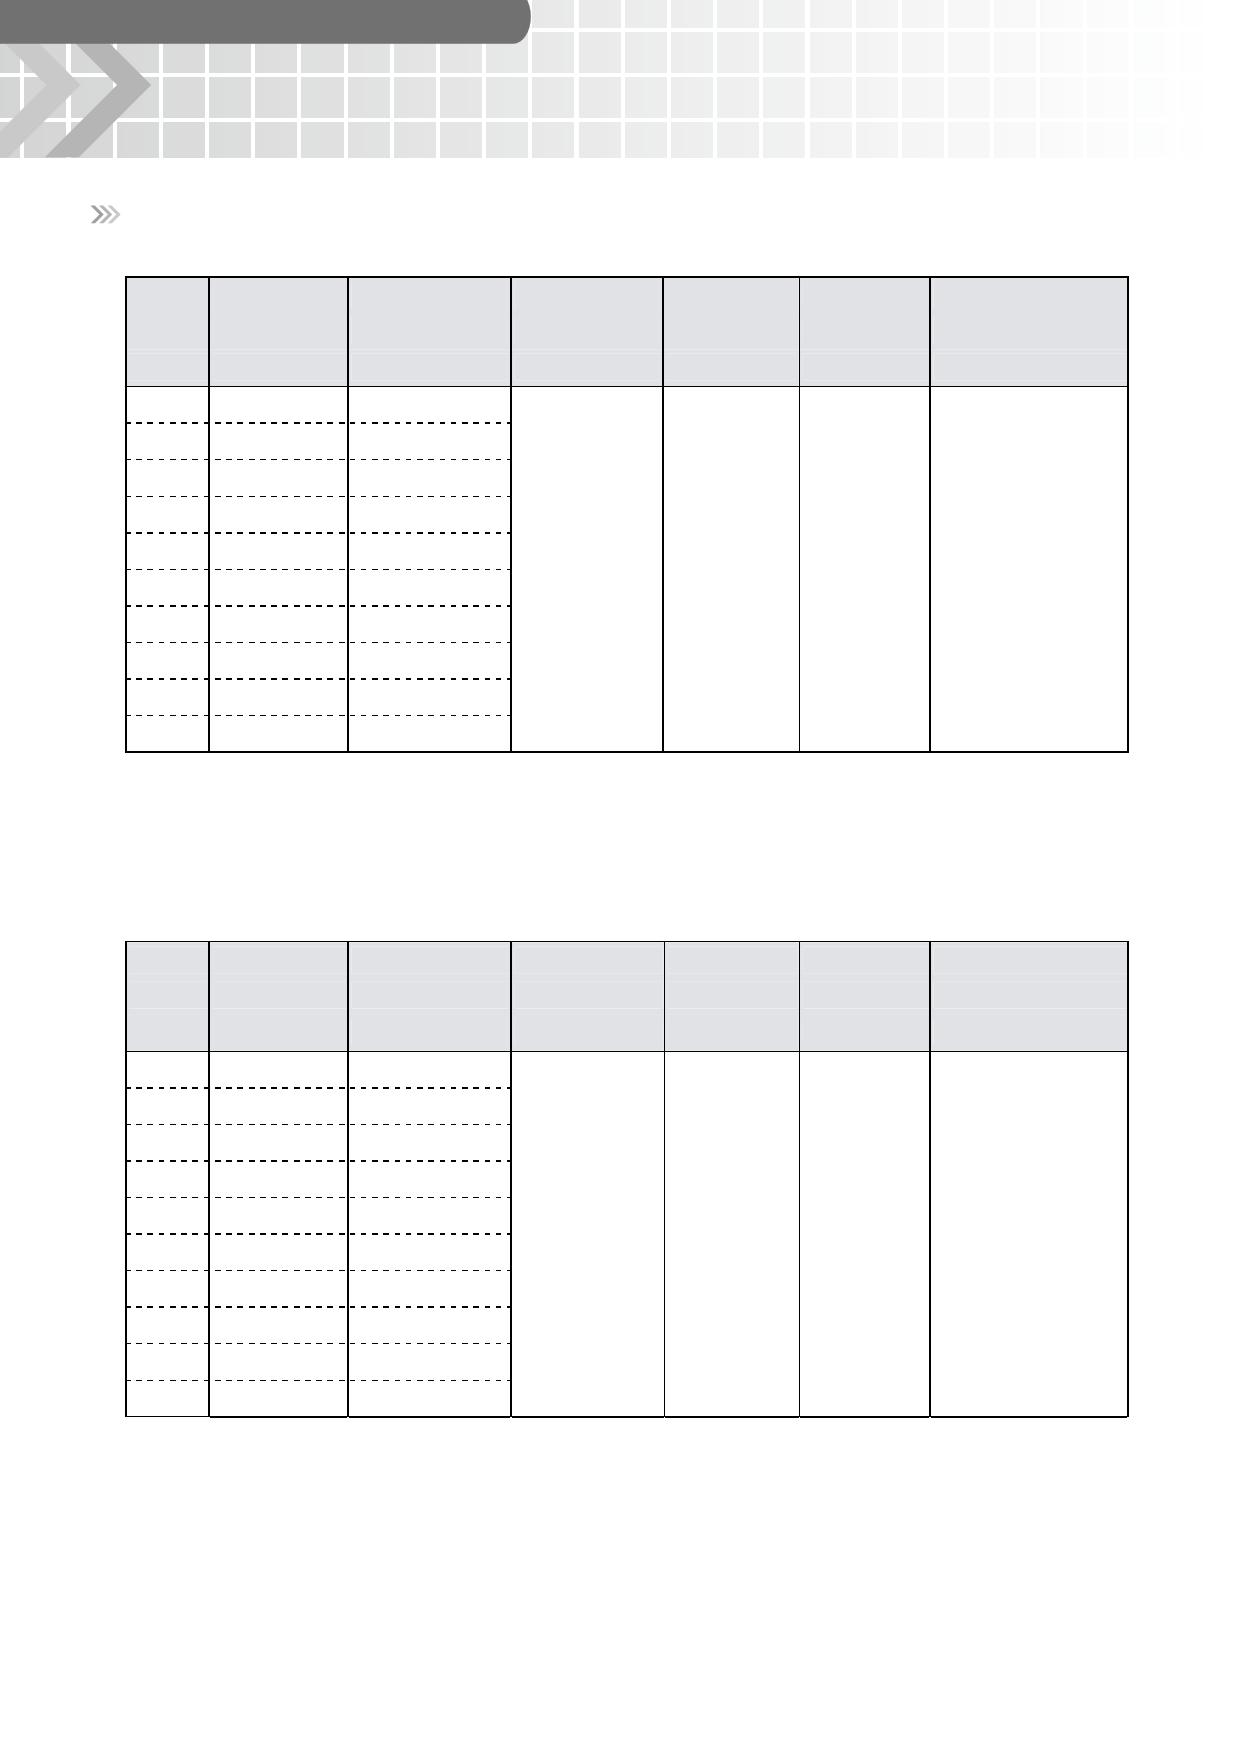 894-2ACA1-F-C pdf, ピン配列